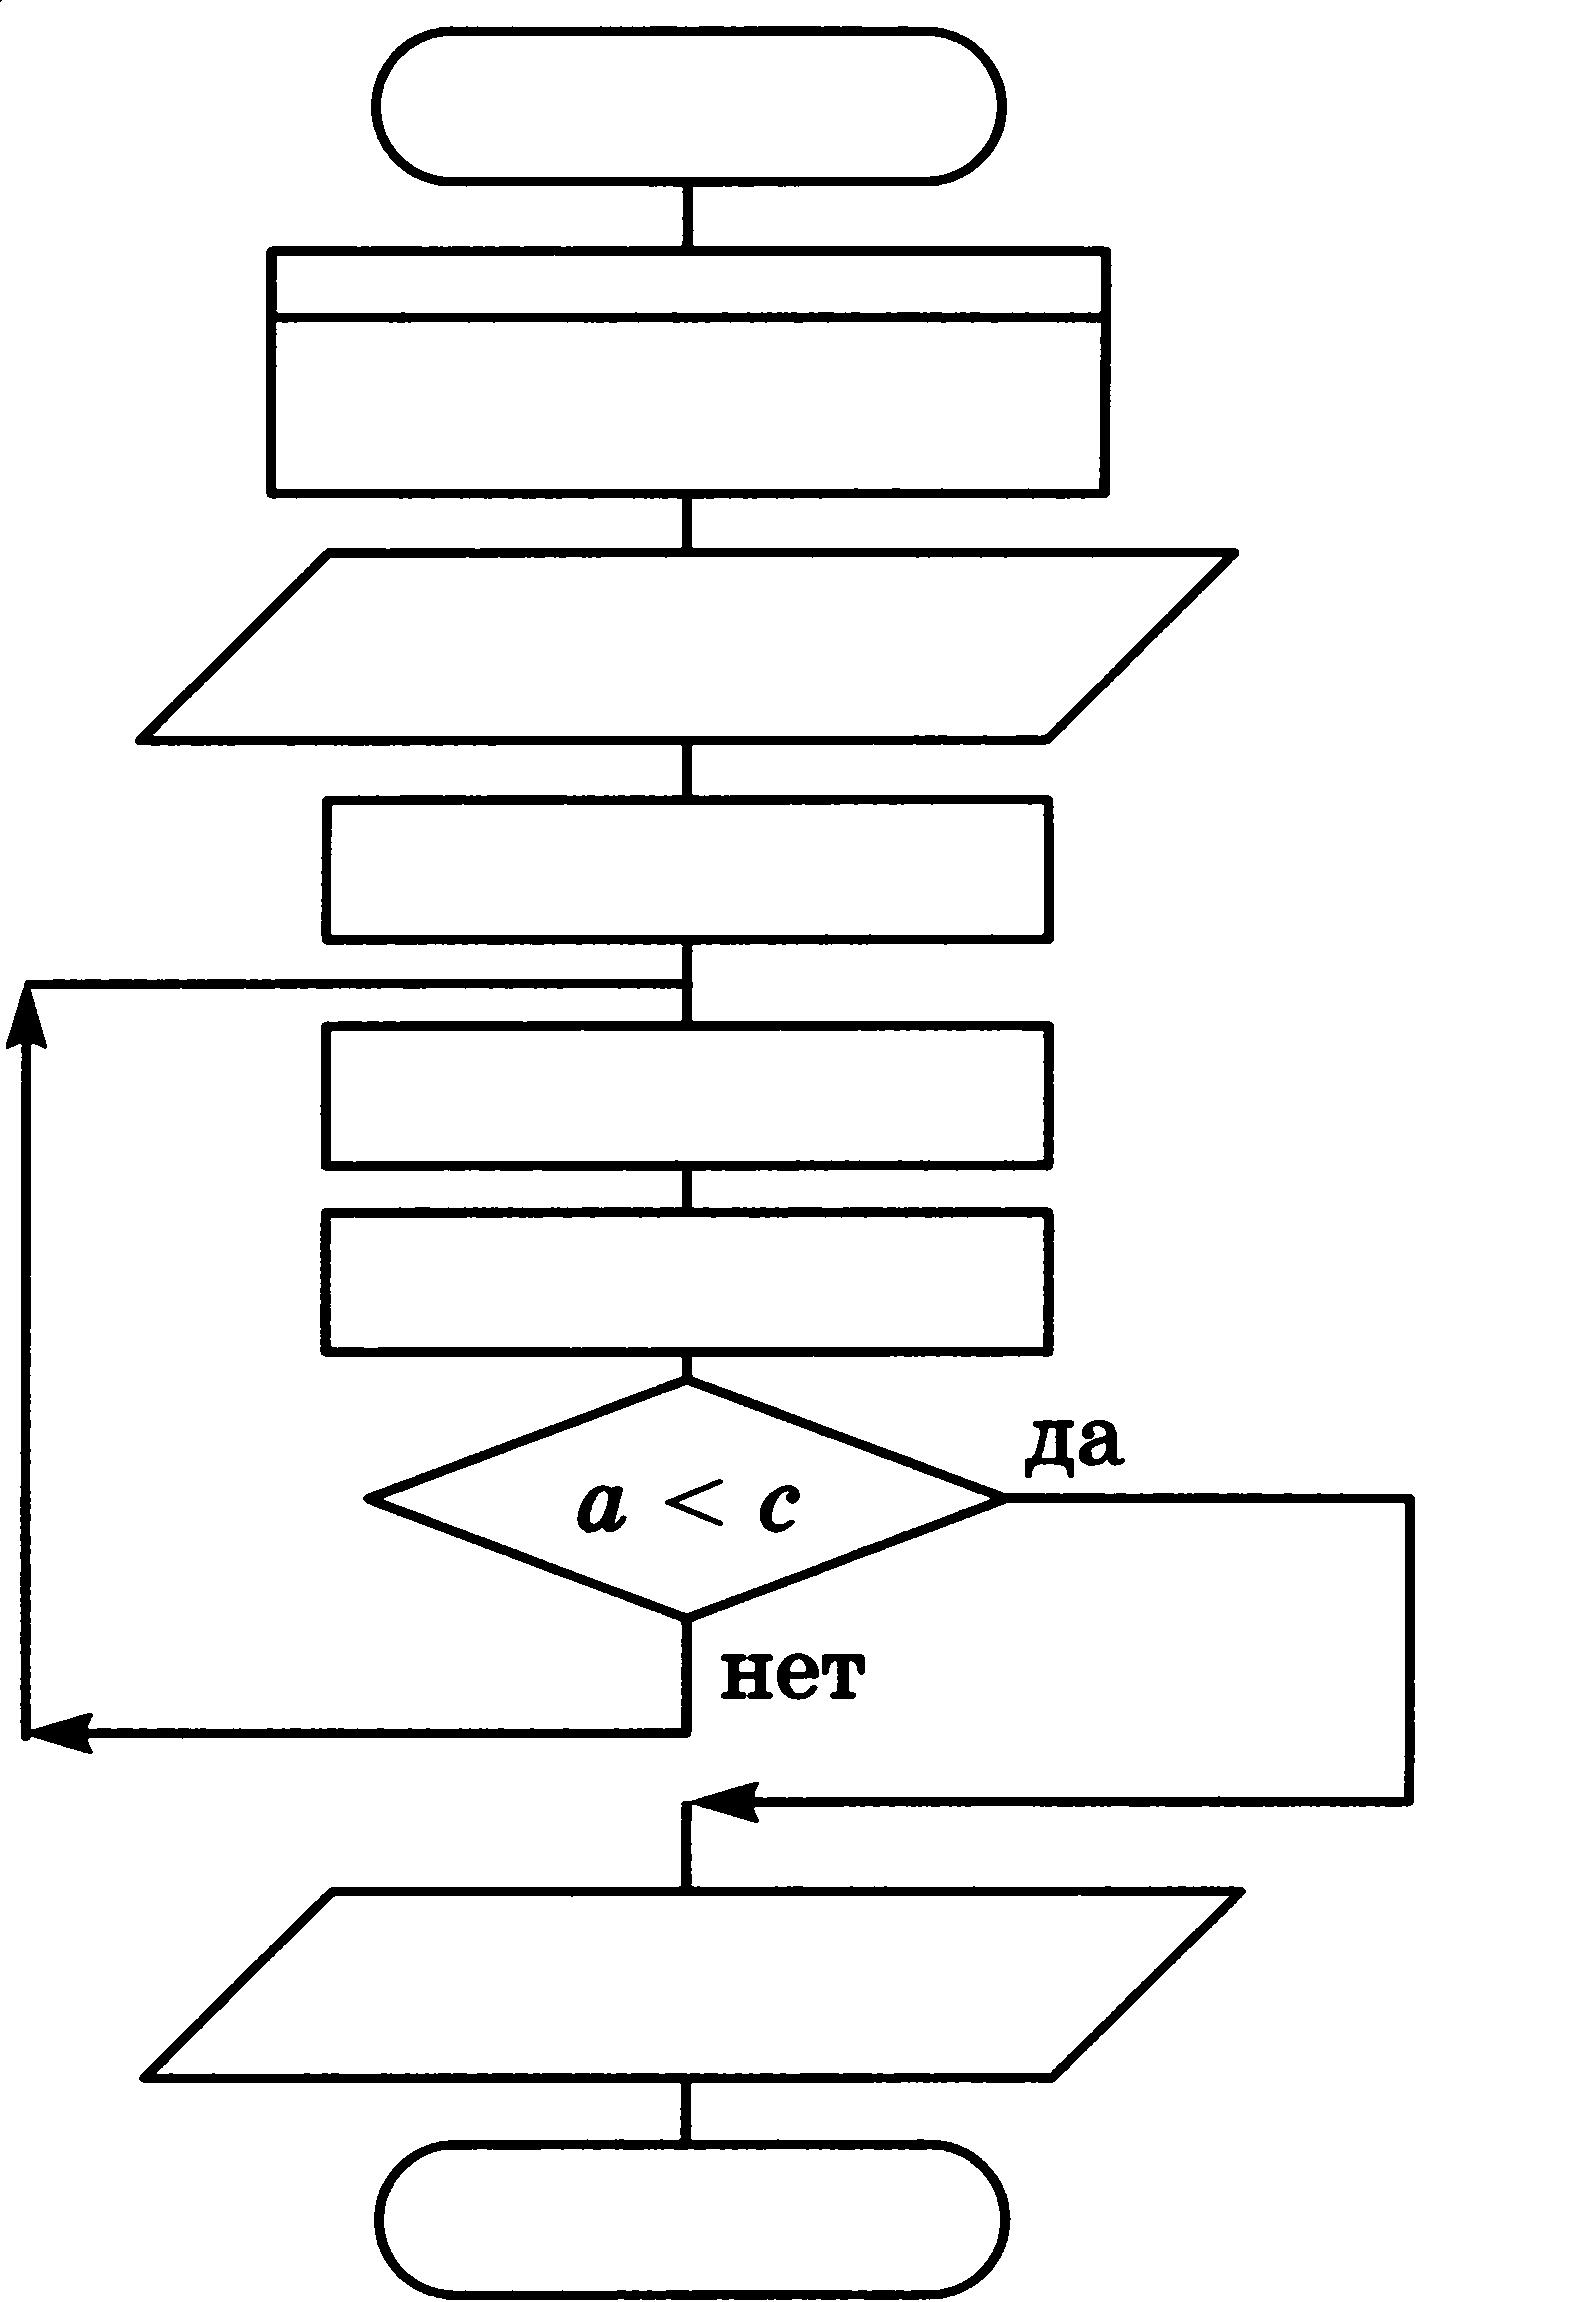 Контрольная работа на тему Основы алгоритмизации  hello html m2fe67cb1 png